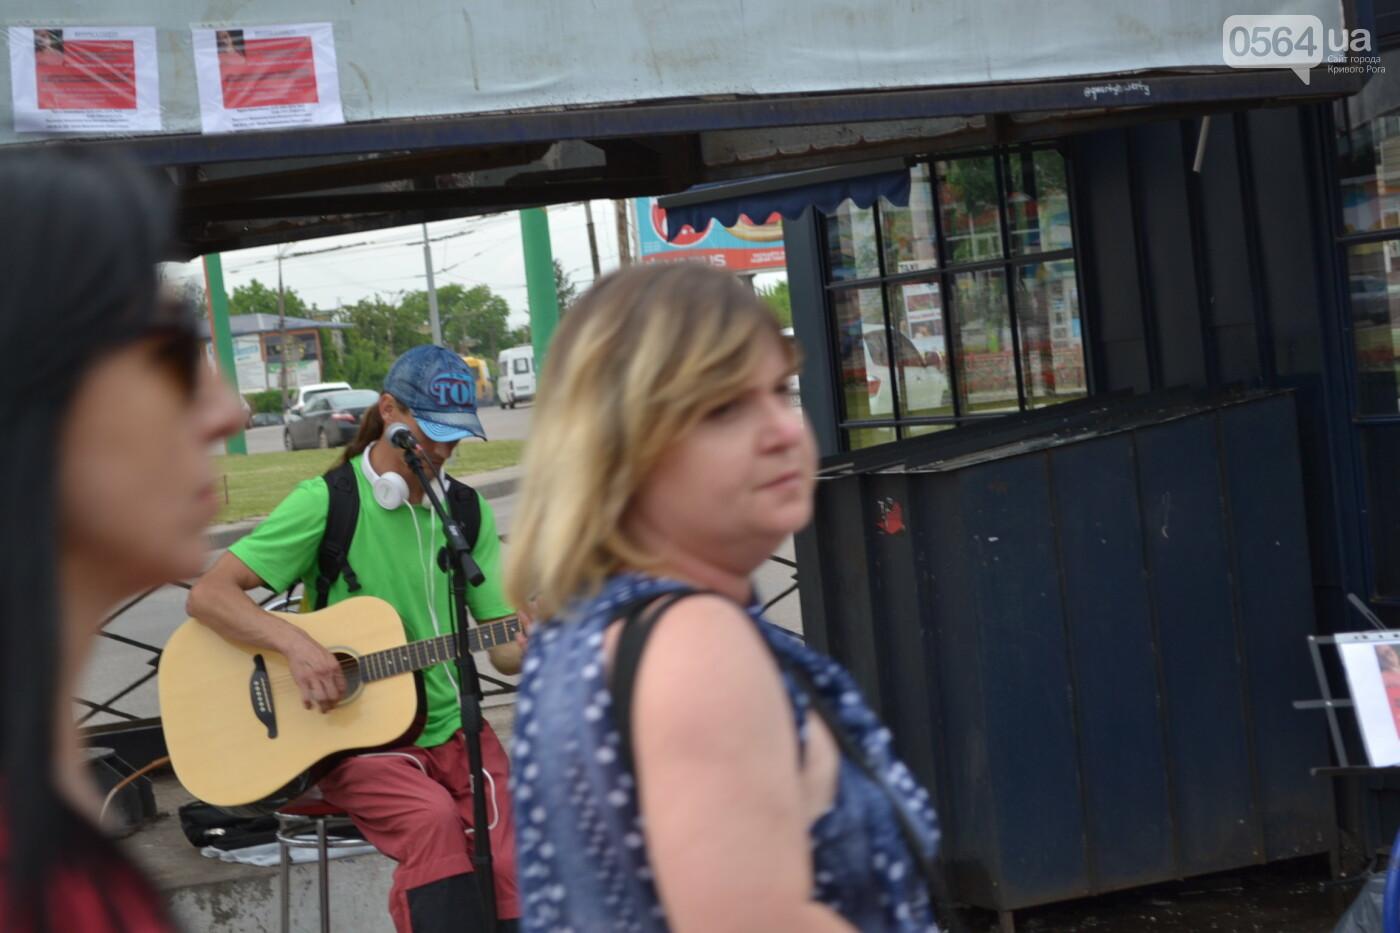 Концерт от Madisan Rock Club: криворожские музыканты поддержали юную Алину Михалковскую, - ФОТО, ВИДЕО, фото-18